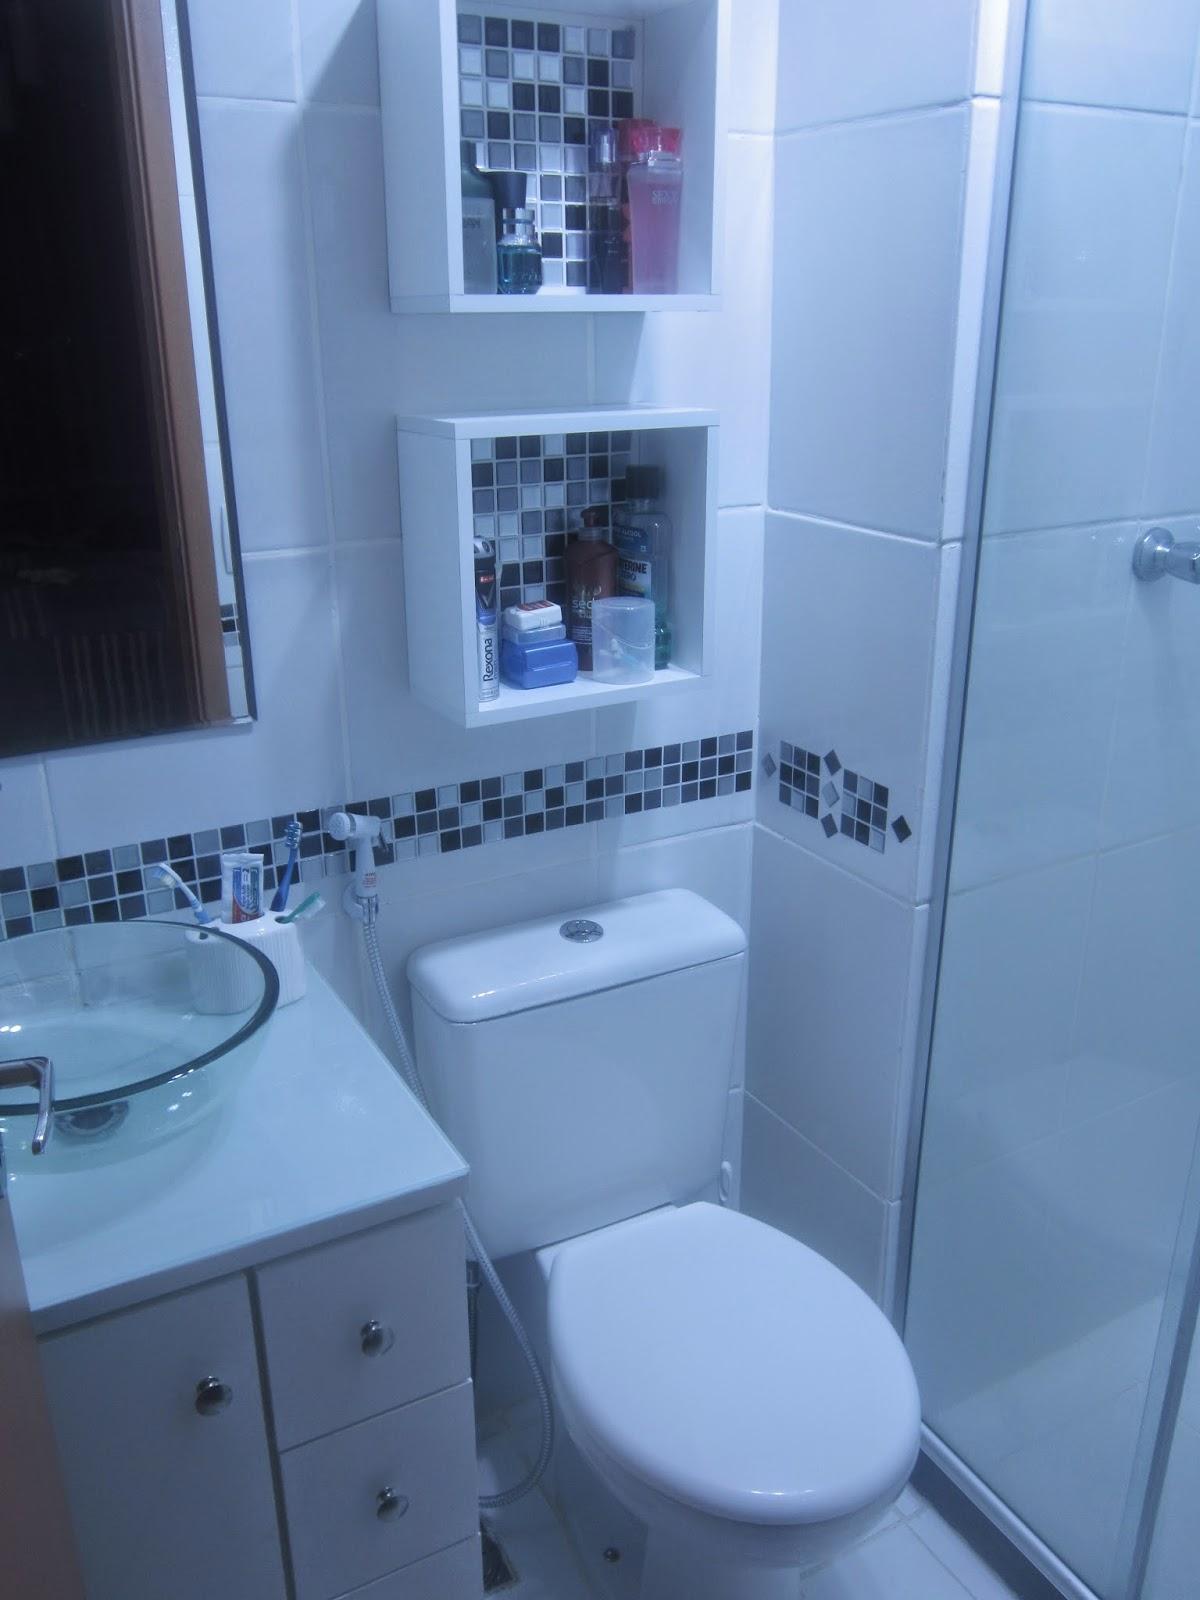 Cafofo Sonhado: Decorando banheiros pequenos: 2 banheiros 2m² cada  #1C53AF 1200x1600 Banheira Para Banheiro Pequeno Mercado Livre